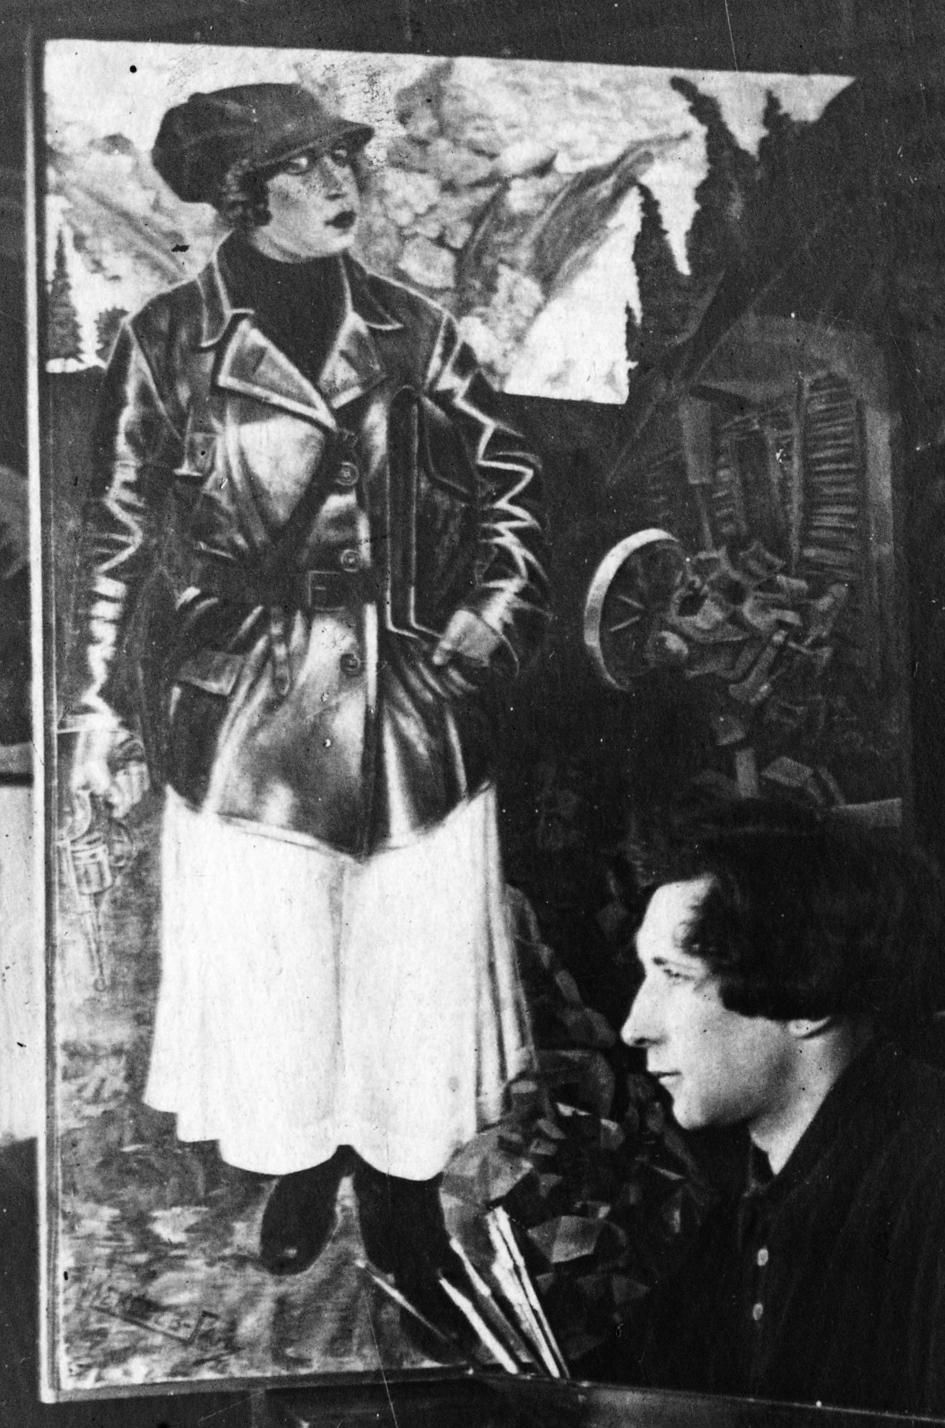 Алексеев-Гай Григорий. Фото художника на фоне его картины Комиссар (Портрет Ларисы Рейснер, или Песнь о красной девице-соколице). 1920-е. Украден из …